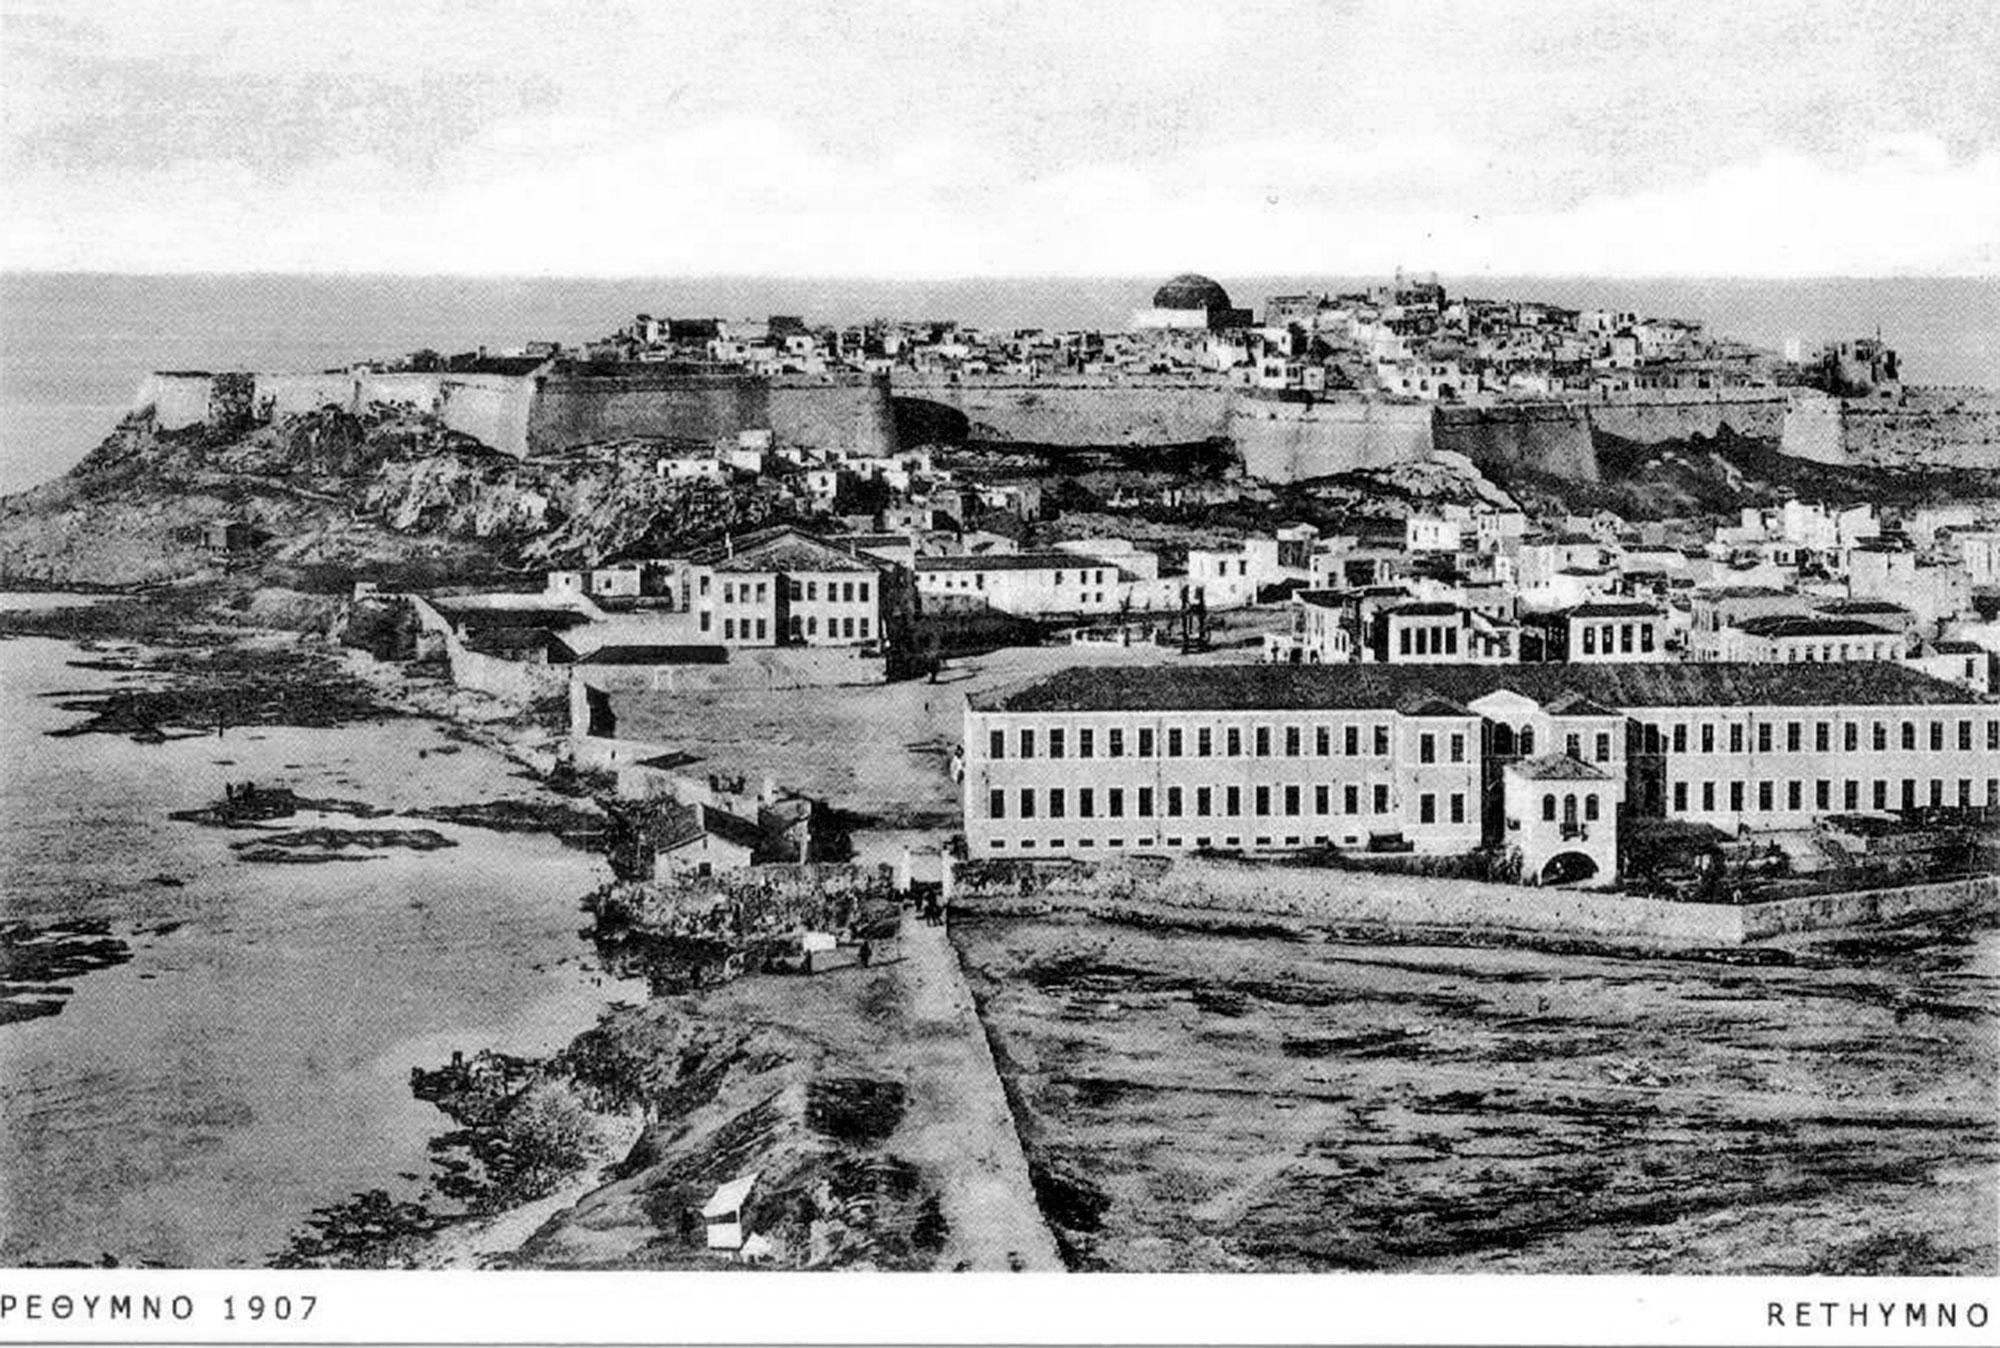 Η μελέτη Πικιώνη για το φρούριο της Φορτέτζας, Ρεθύμνου